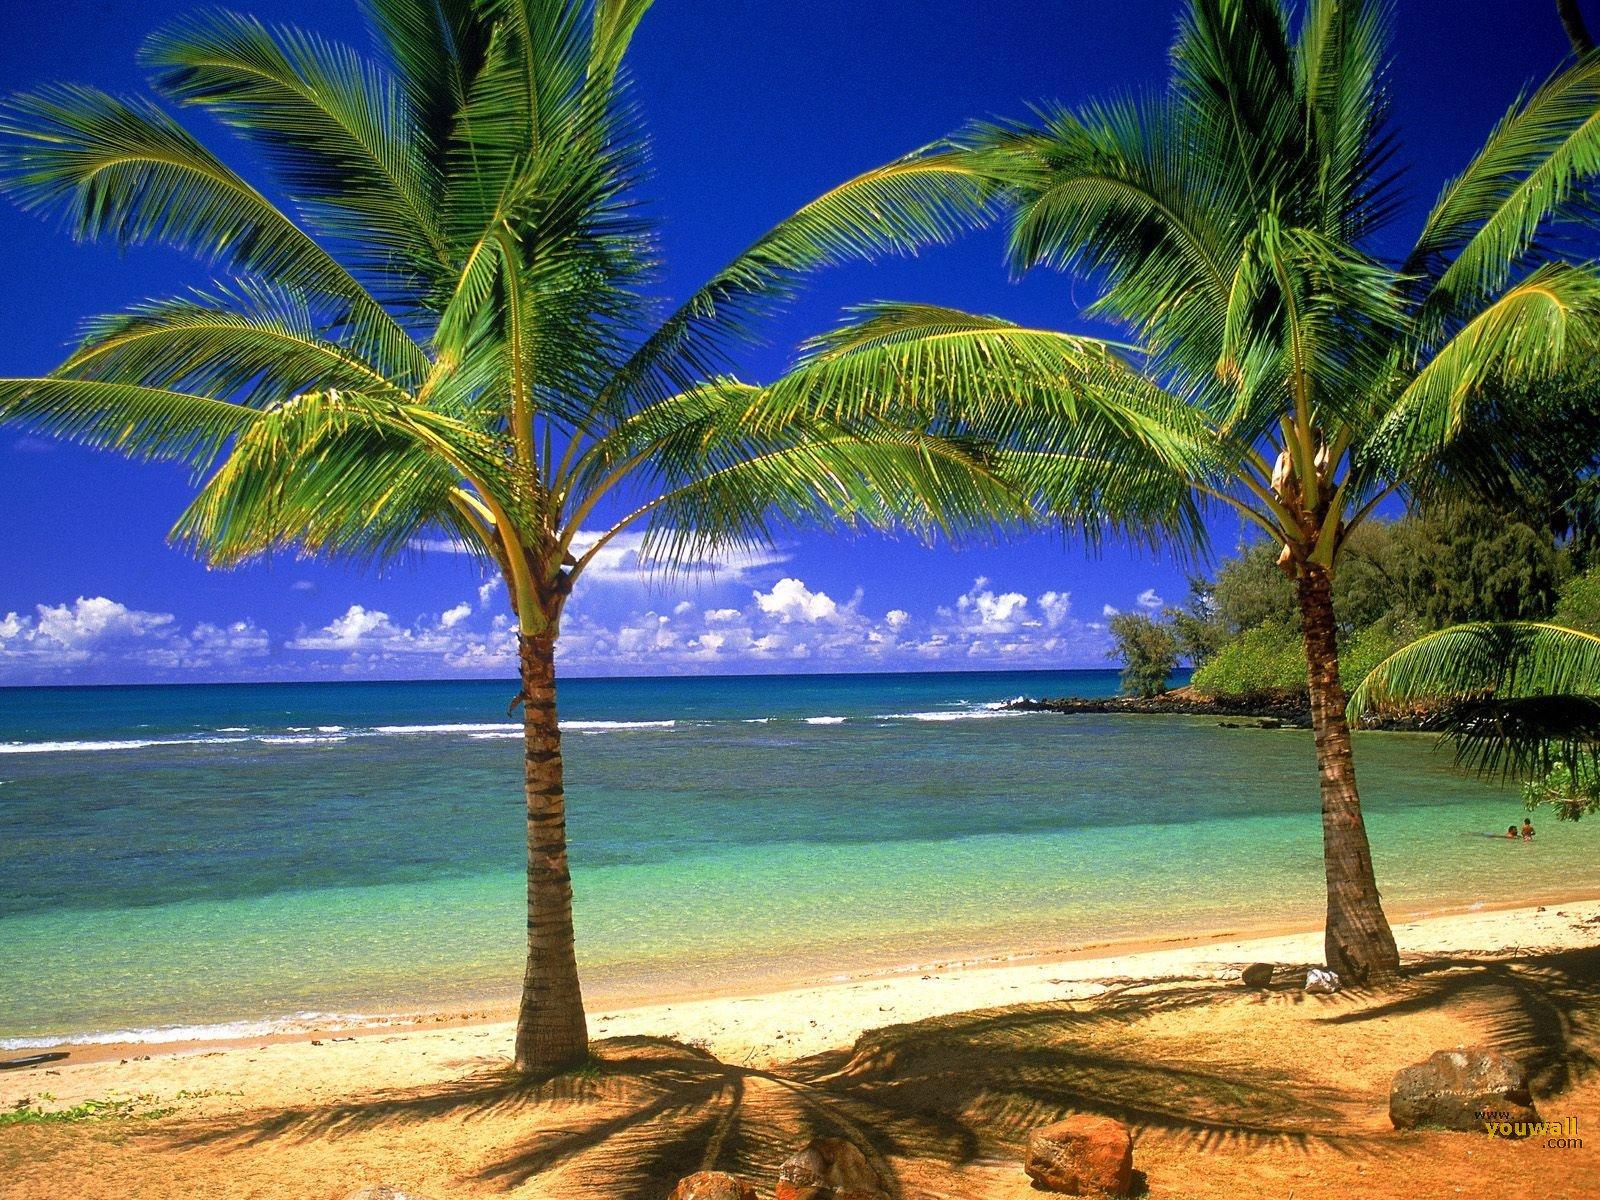 Tropical Beach Wallpaper   wallpaperwallpapersfree wallpaper 1600x1200